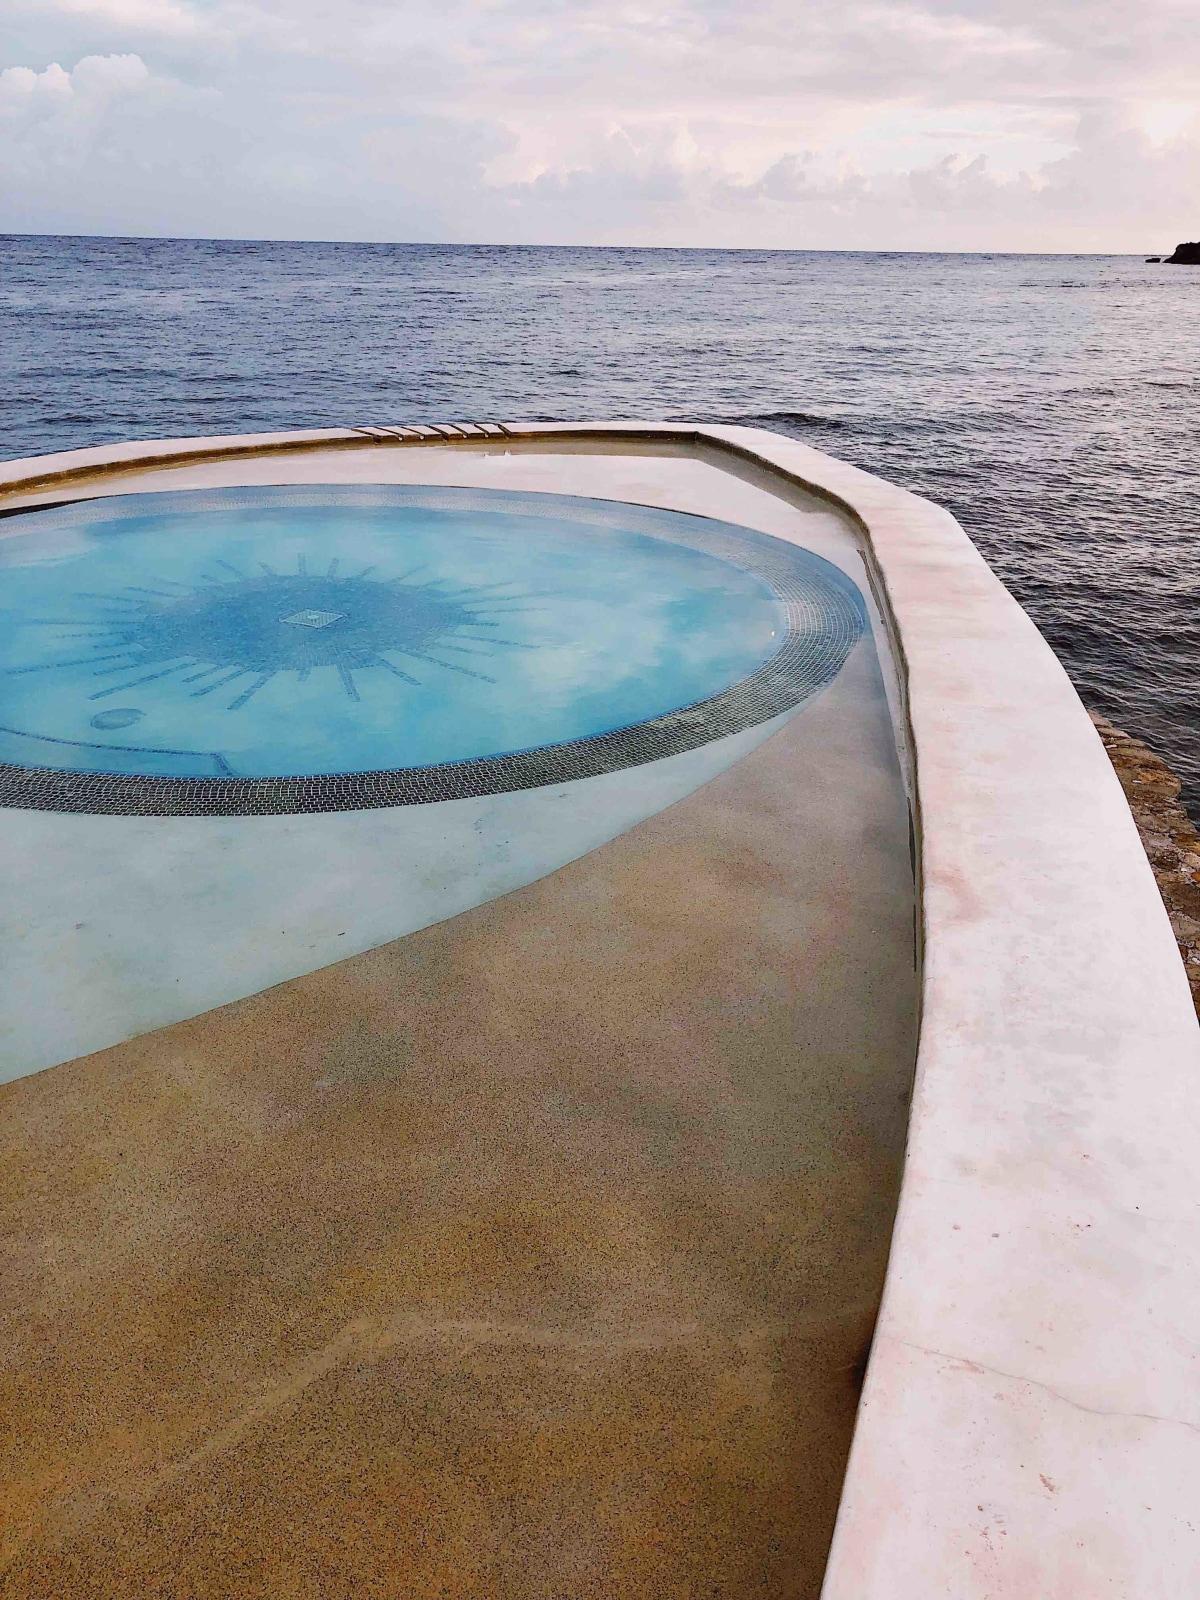 iconic goldeneye pool